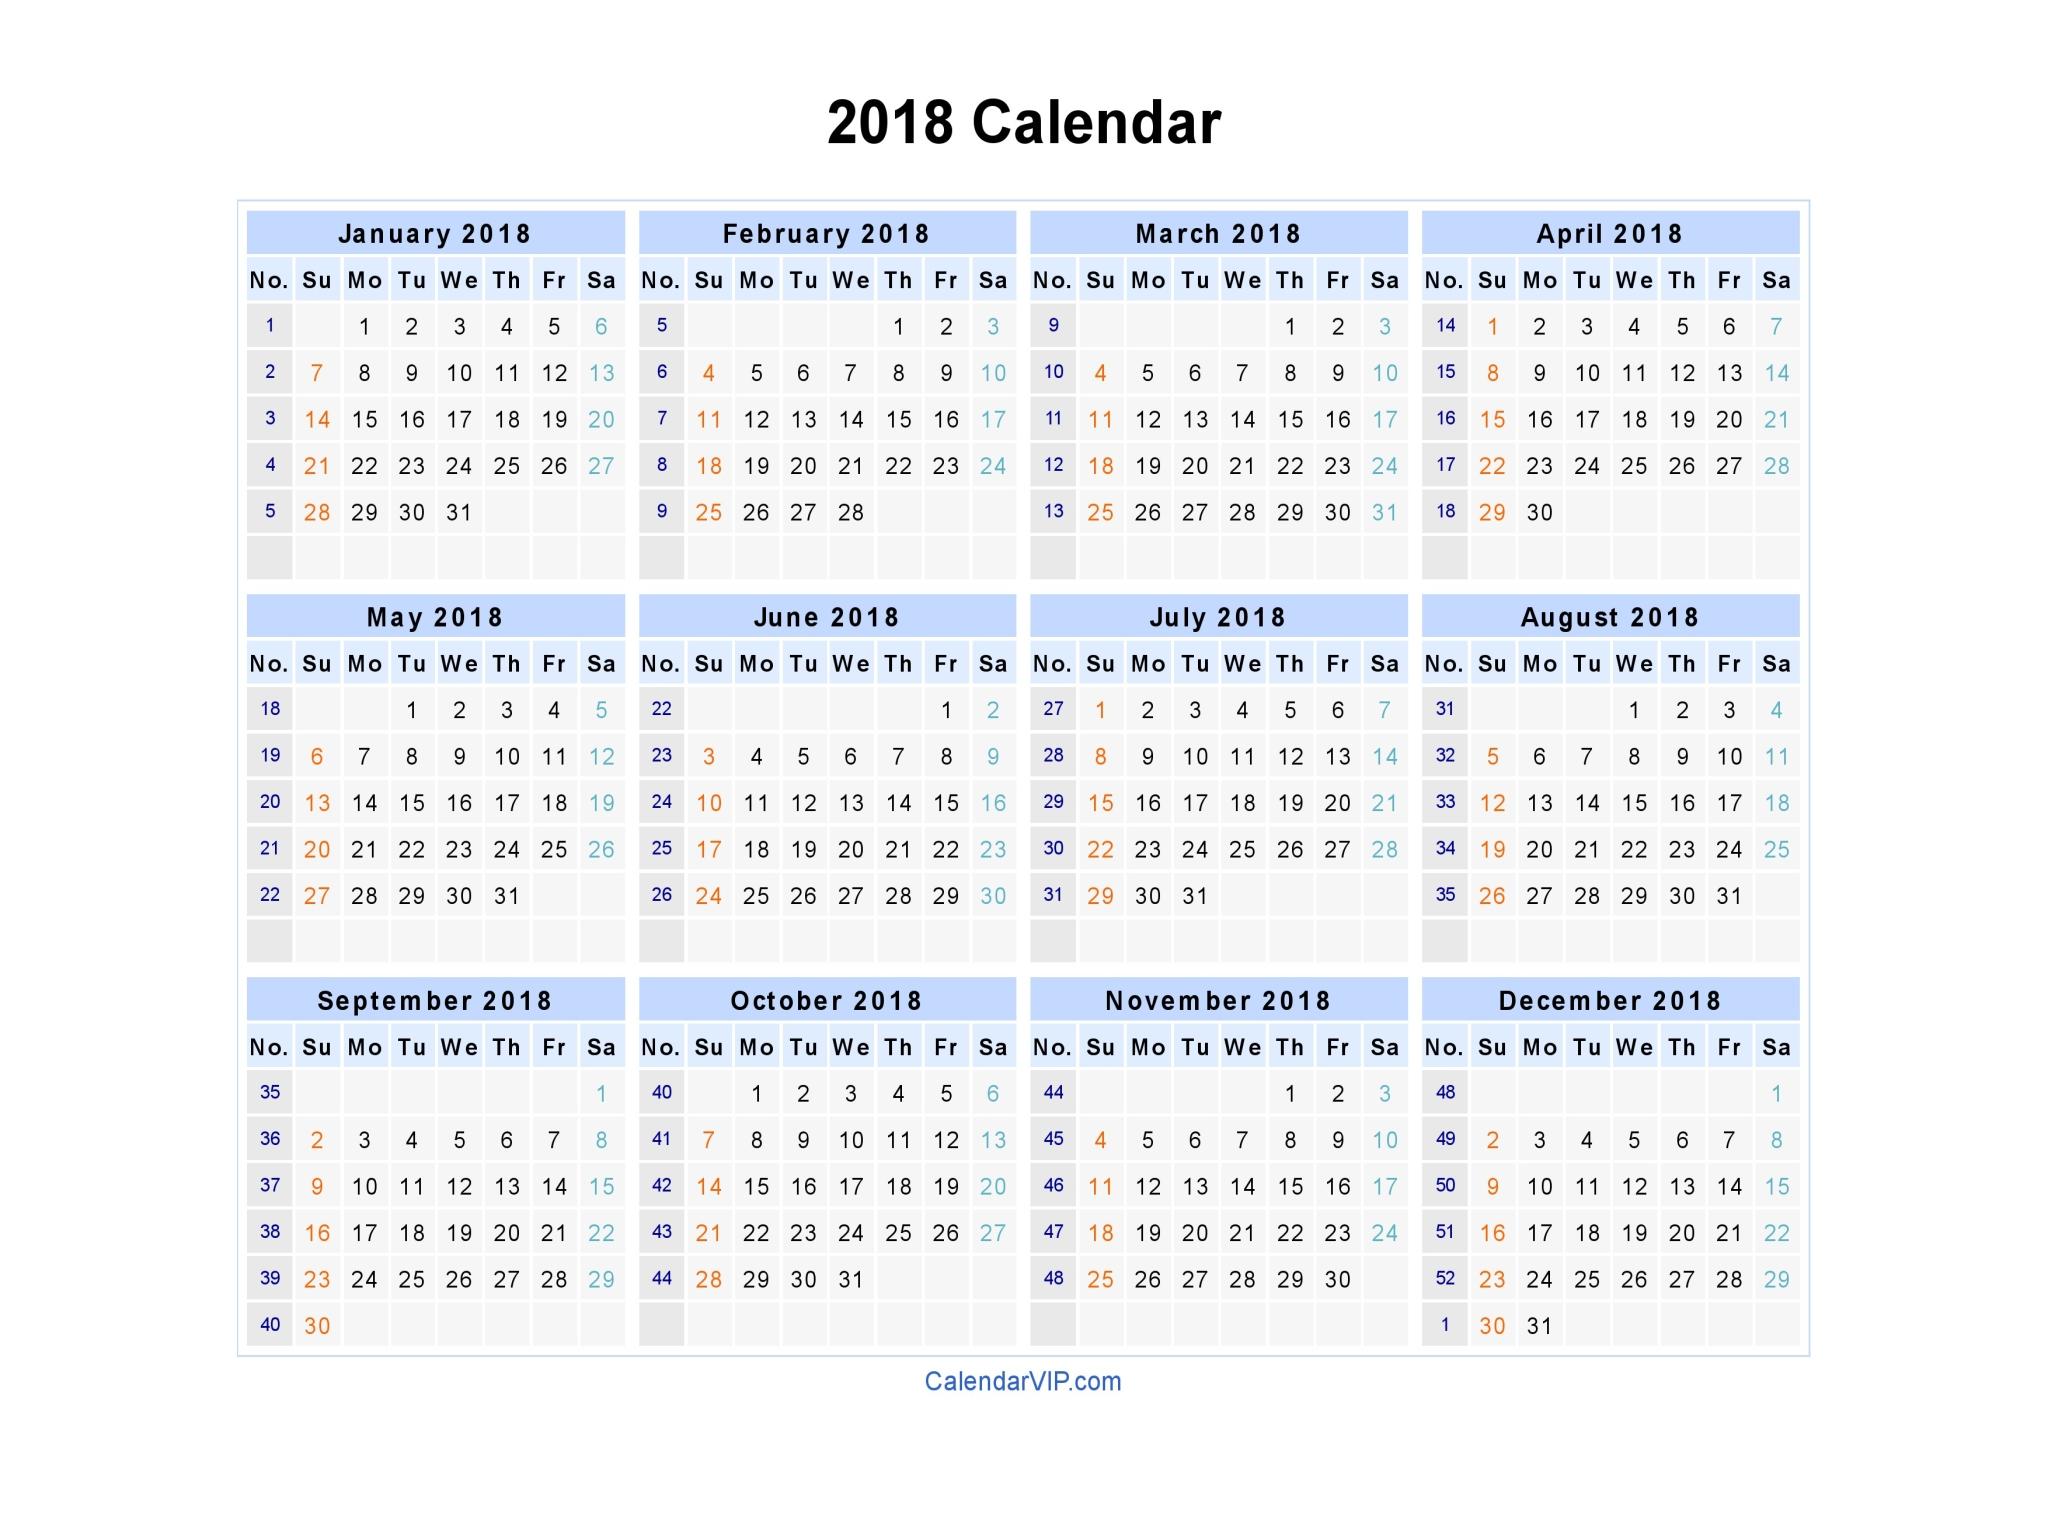 2018 Calendar Blank Printable Calendar Template in PDF Word Excel